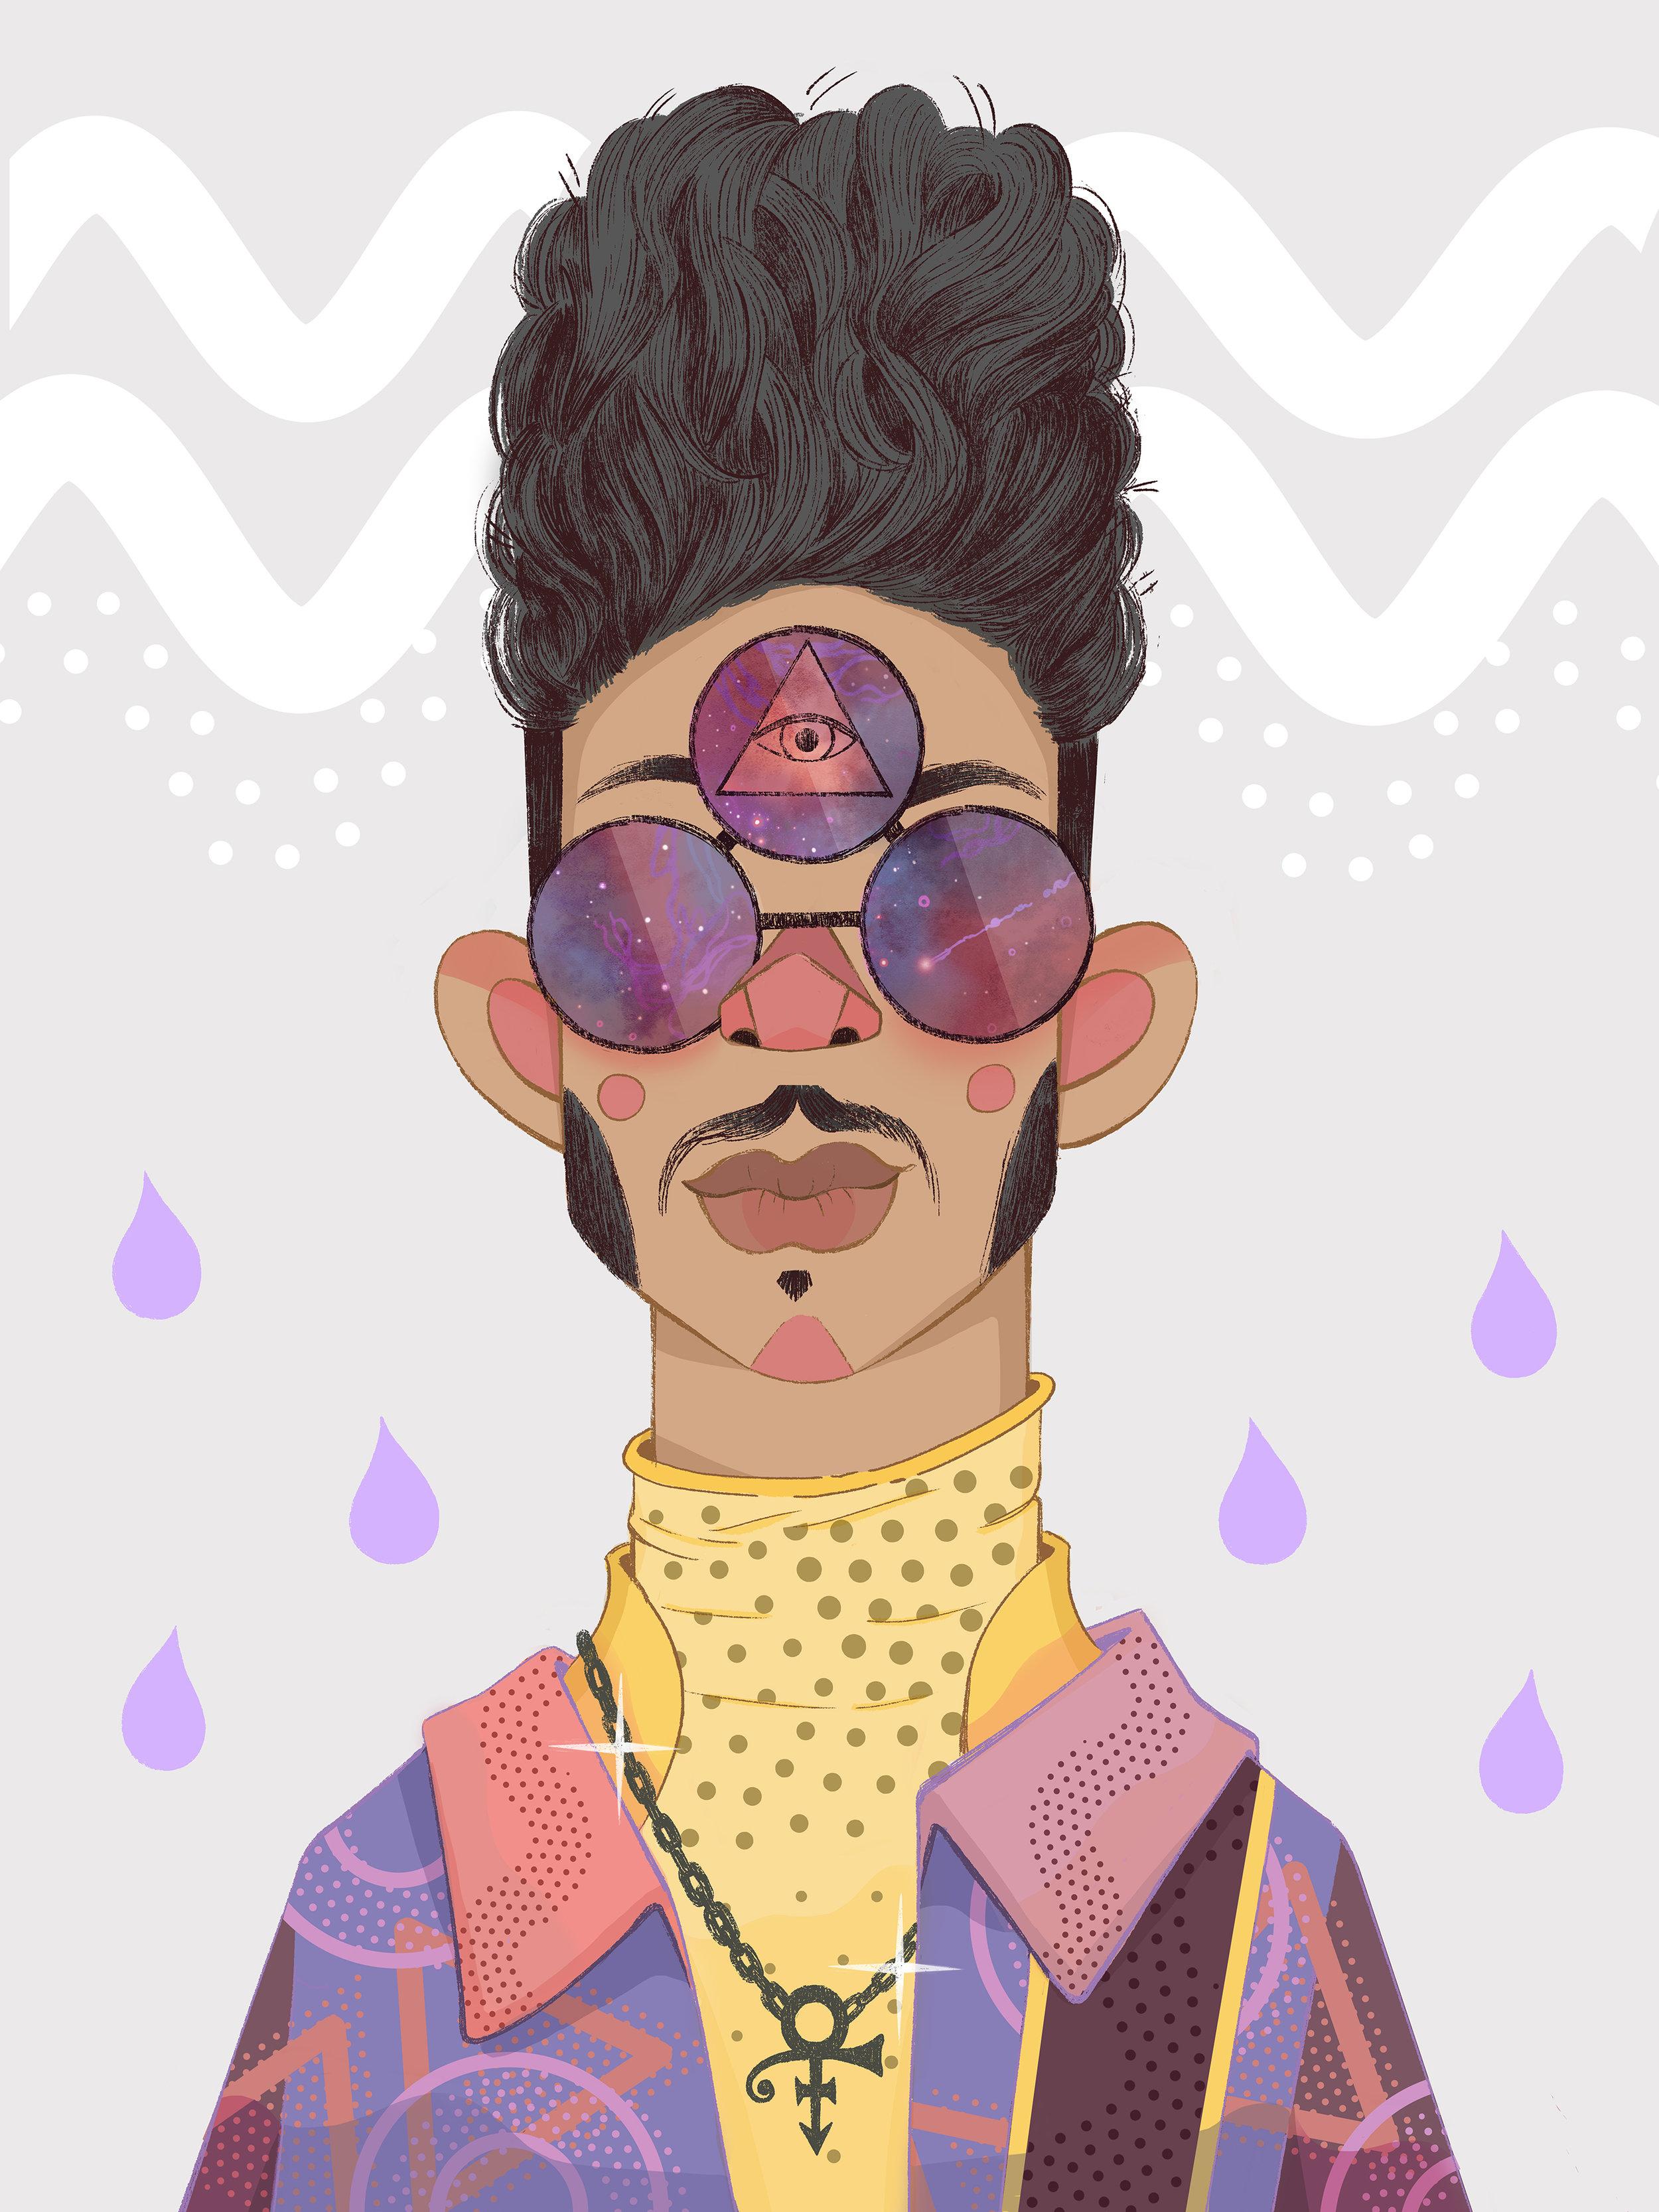 Prince by Èlia Meraki